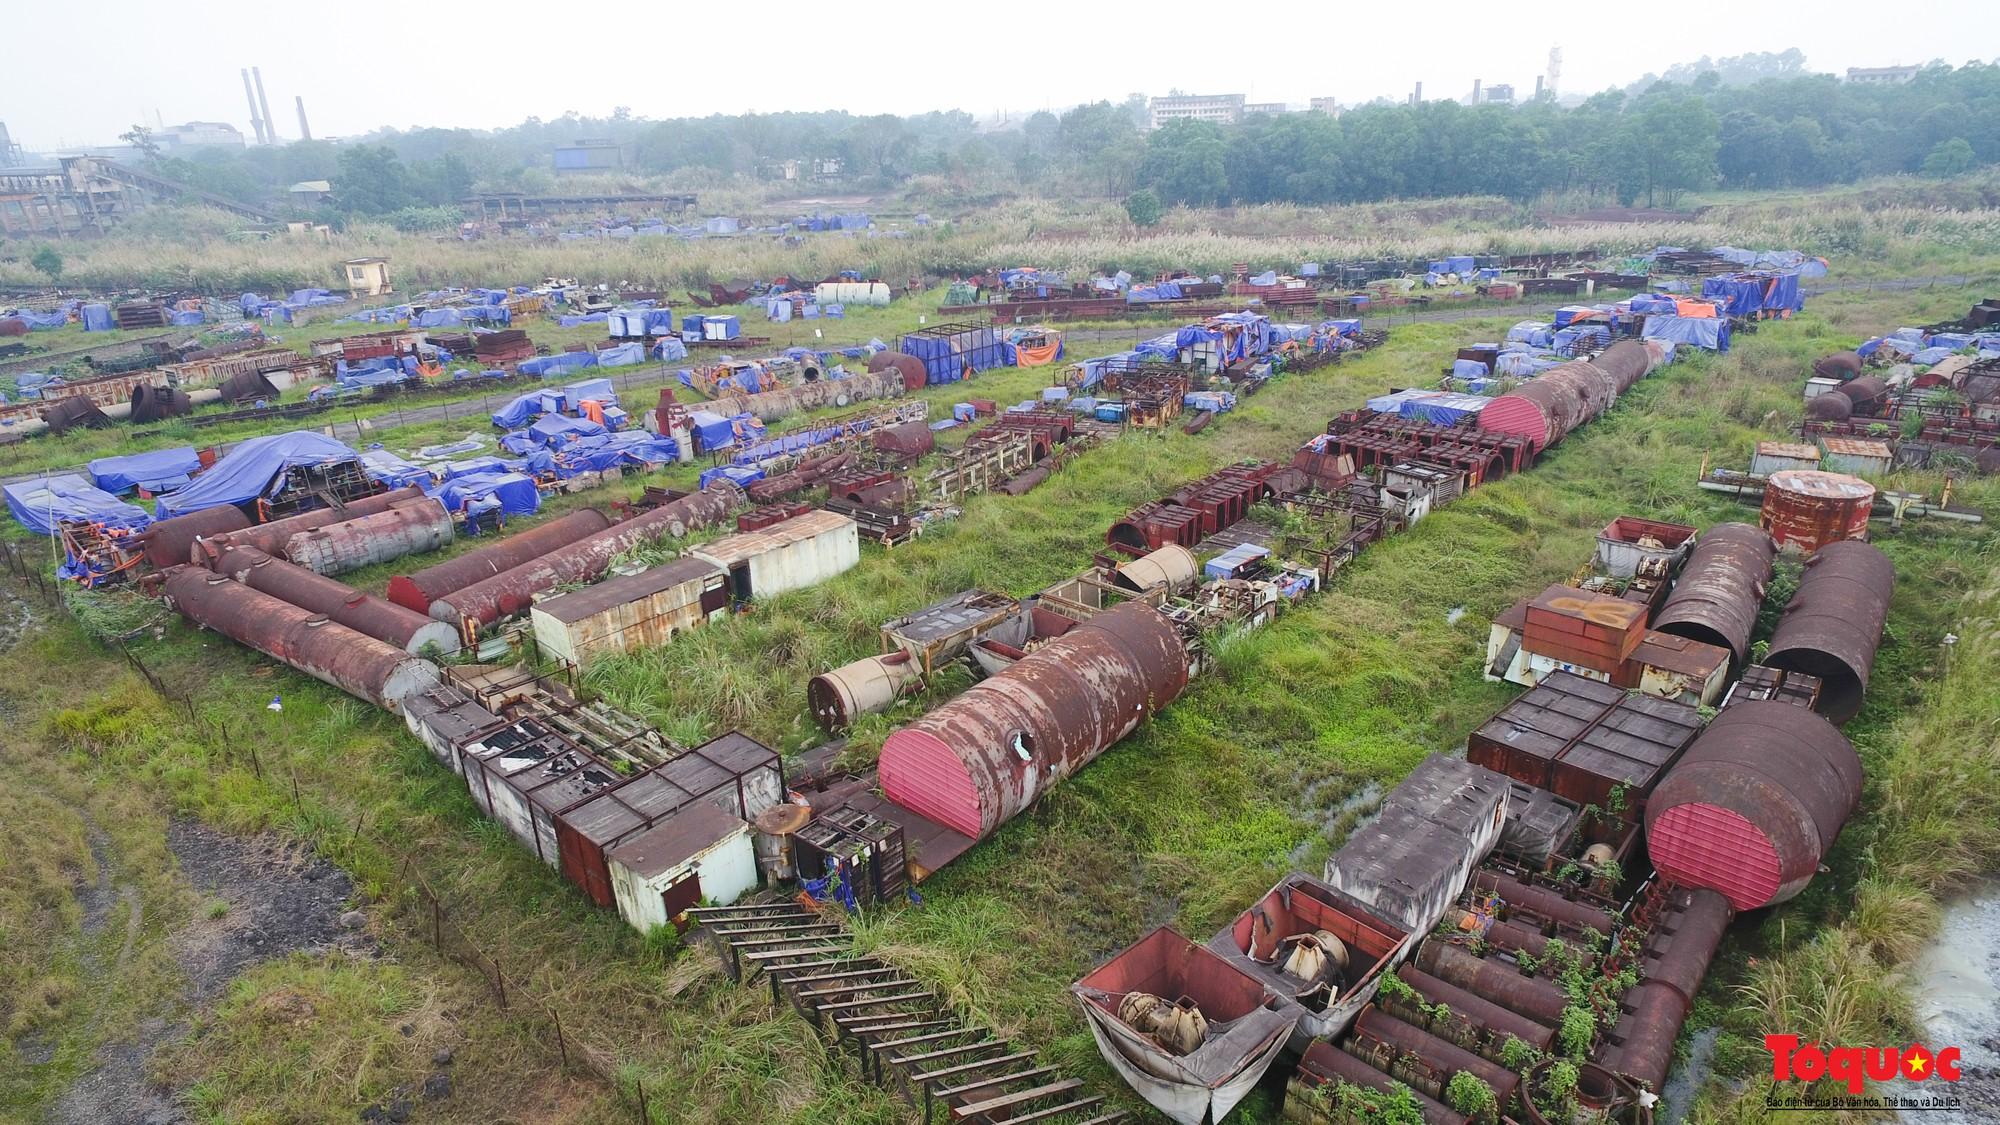 Sự hoang tàn, đắp chiếu bên trong dự án 8.100 tỉ đồng của Công ty Gang thép Thái Nguyên nhìn từ Flycam - Ảnh 4.